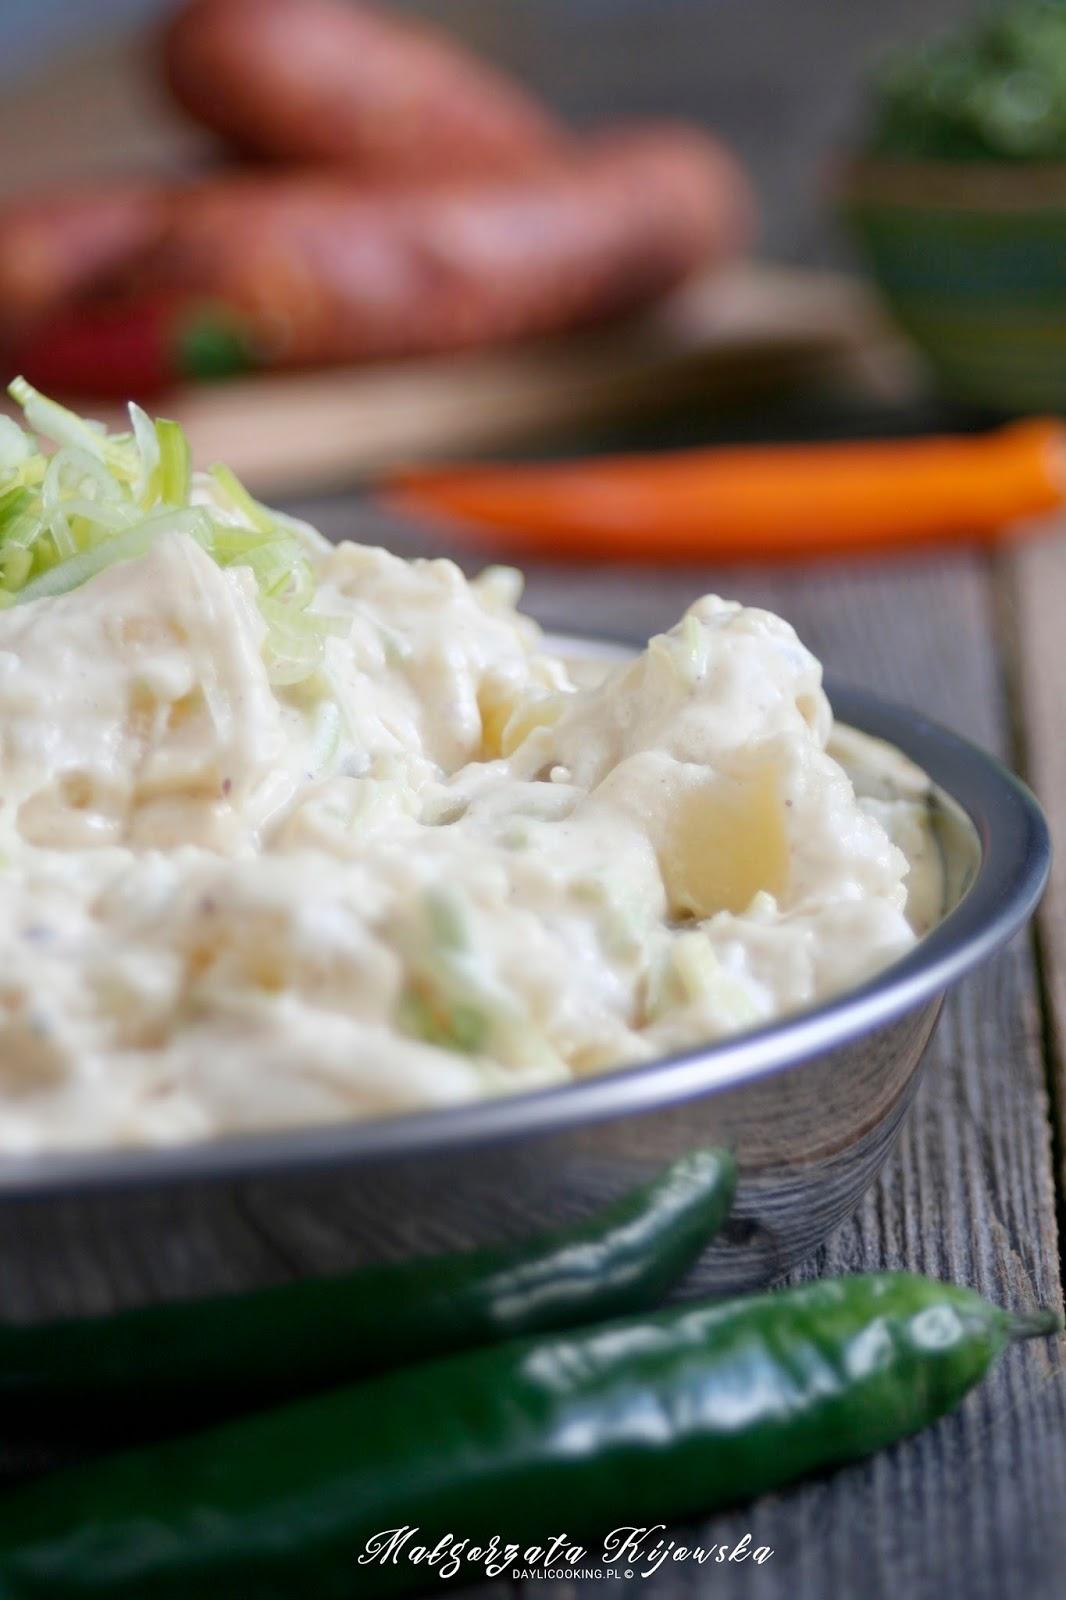 na grilla, kolacja, ziemniaki, daylicooking, Małgorzata Kijowska